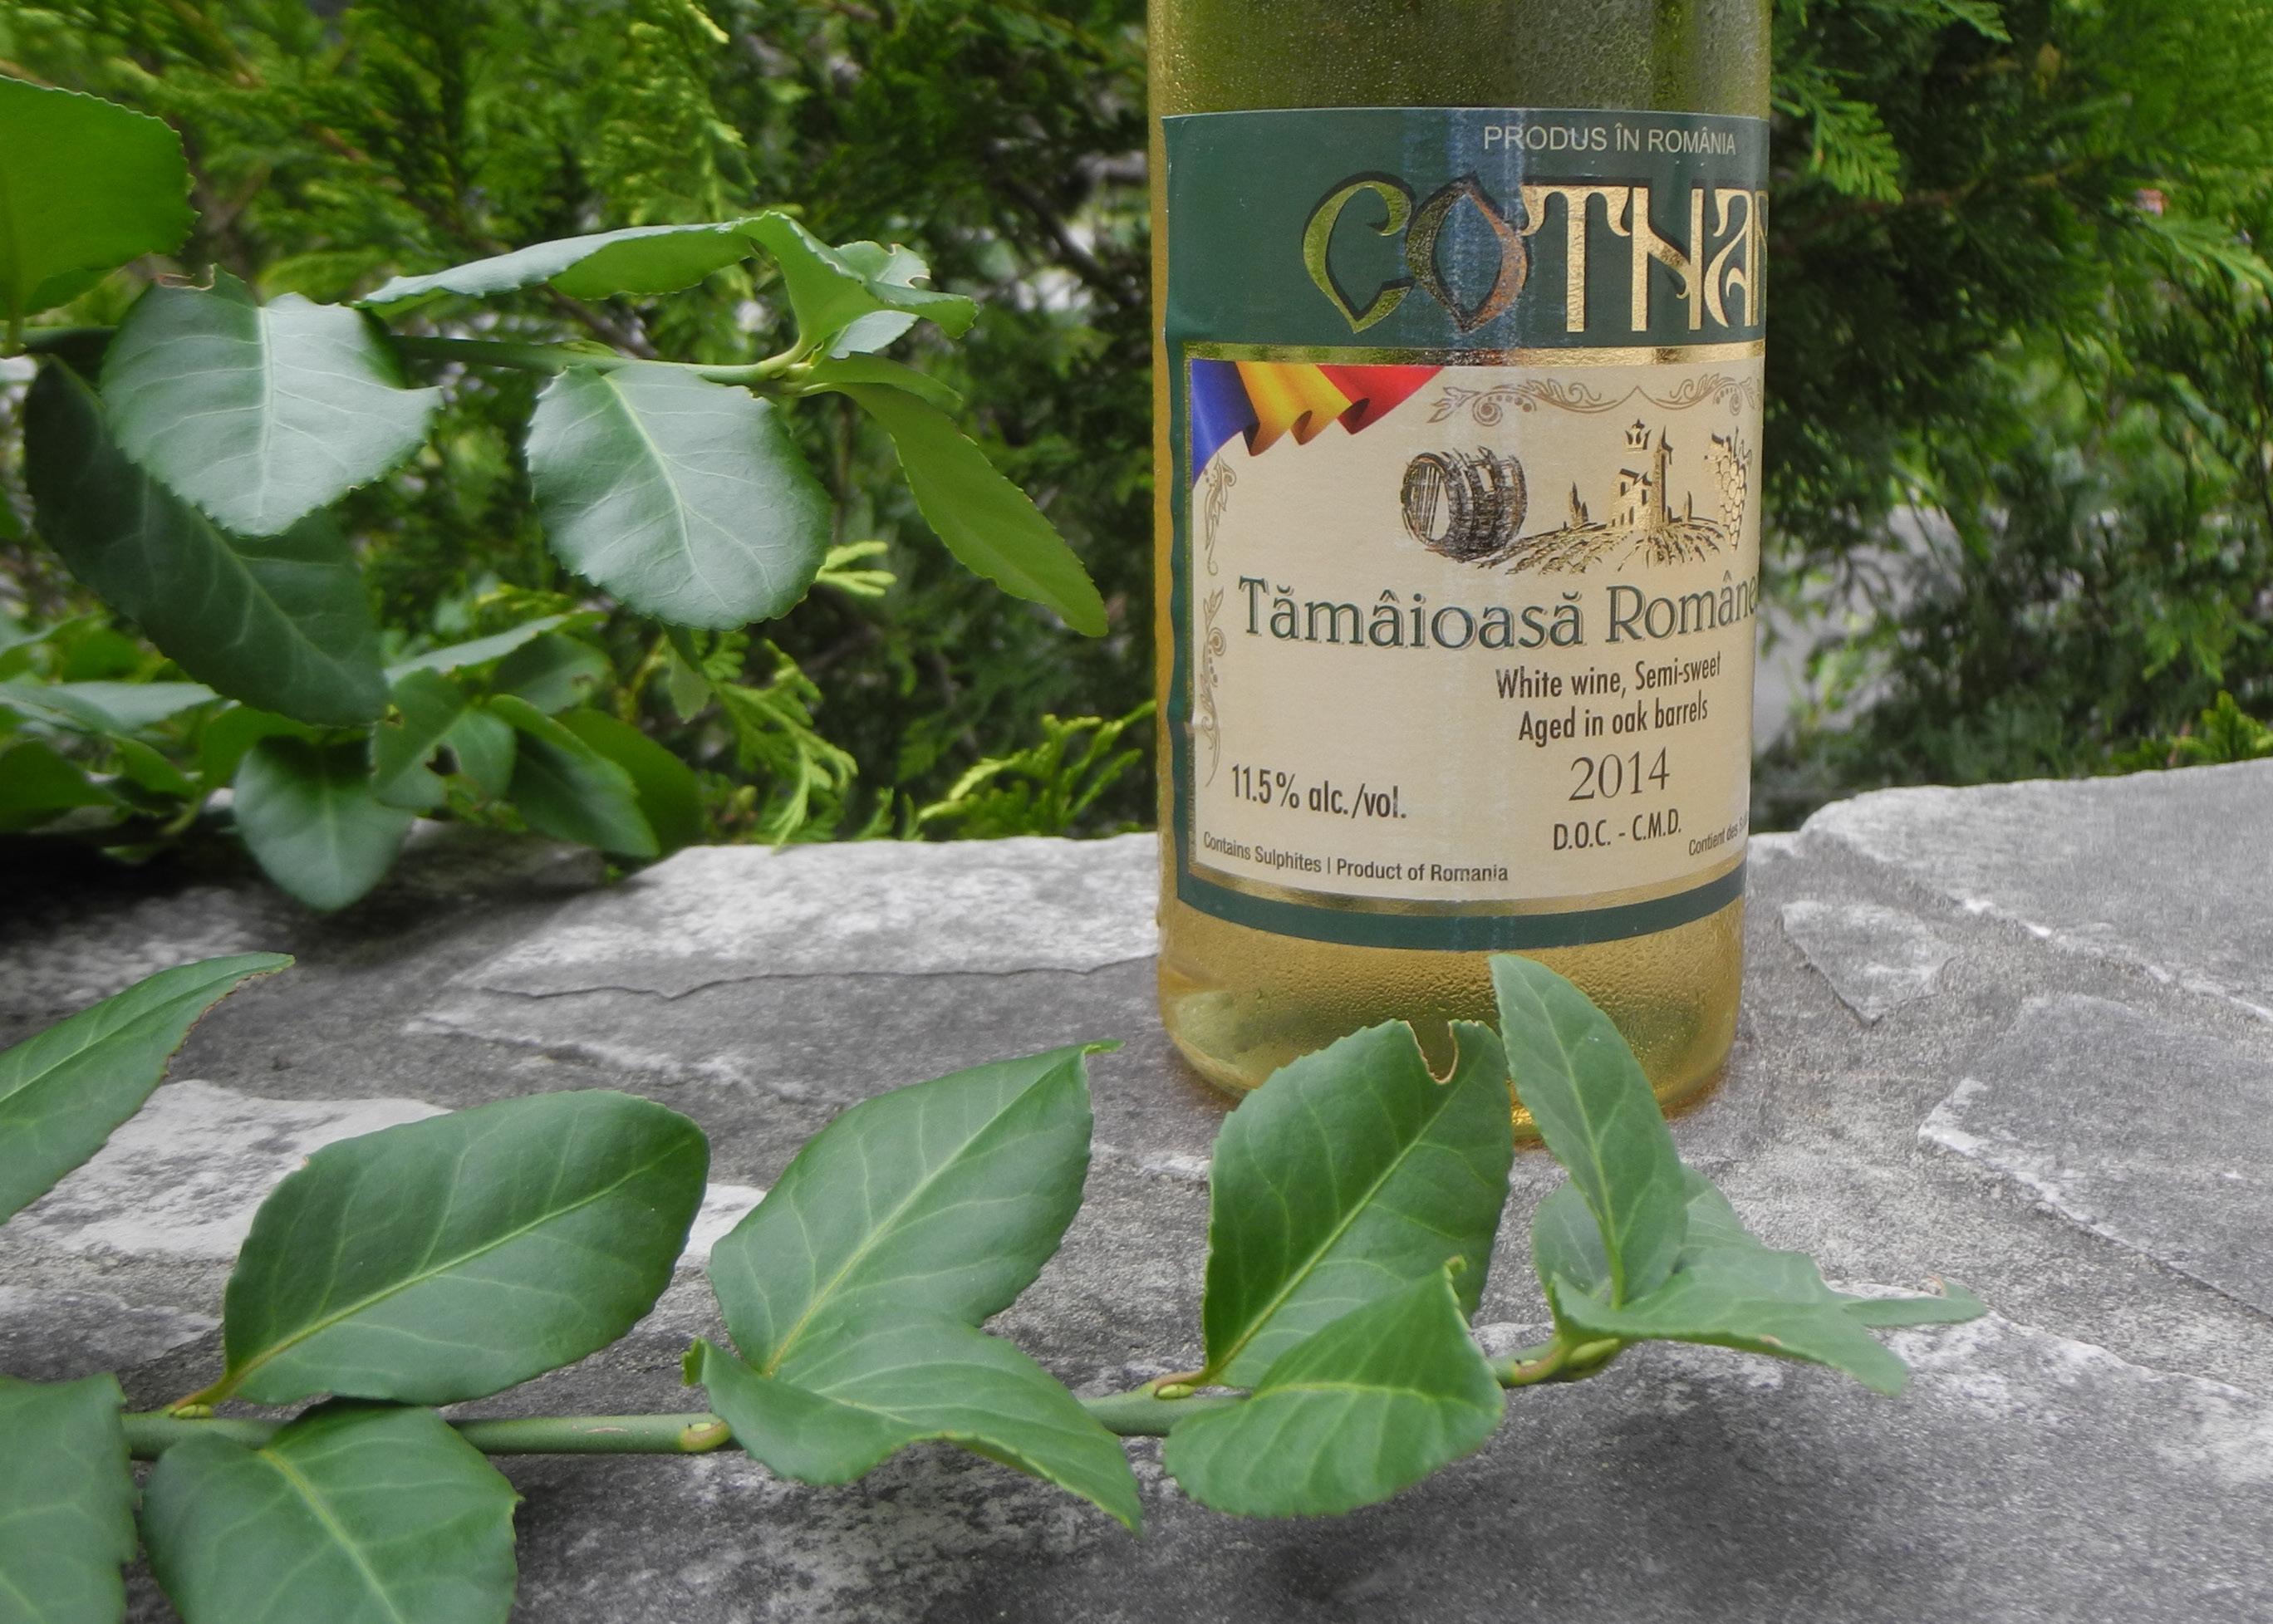 Roumanian wine - Tamaioasa Romaneasca Cotnari DOC